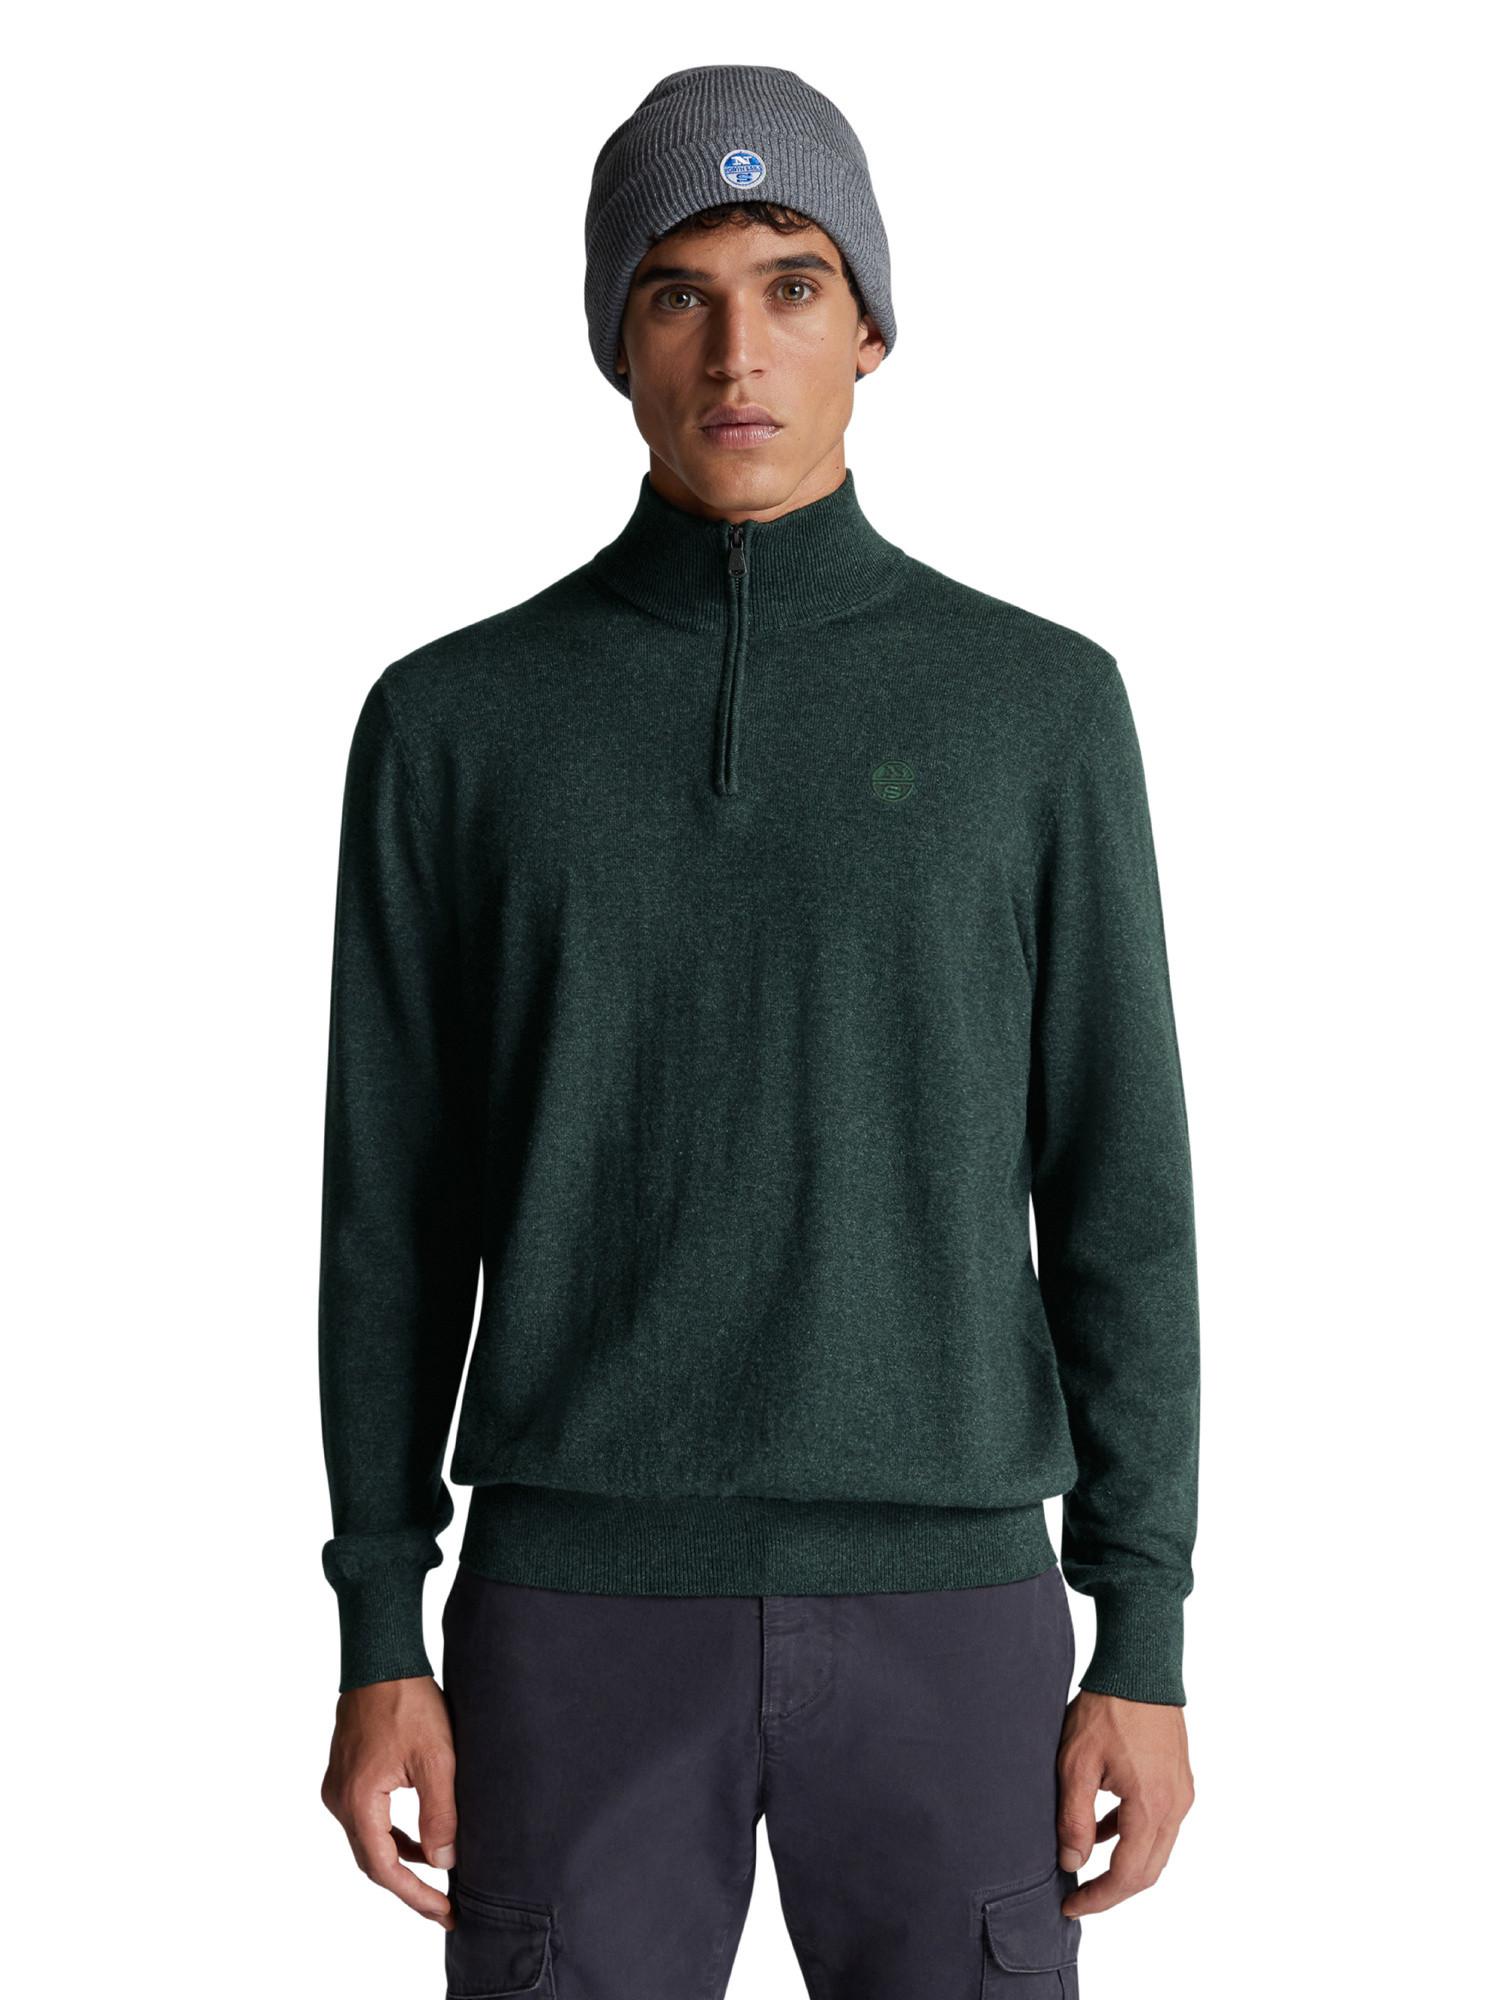 Maglione con scollo a V, Verde, large image number 1